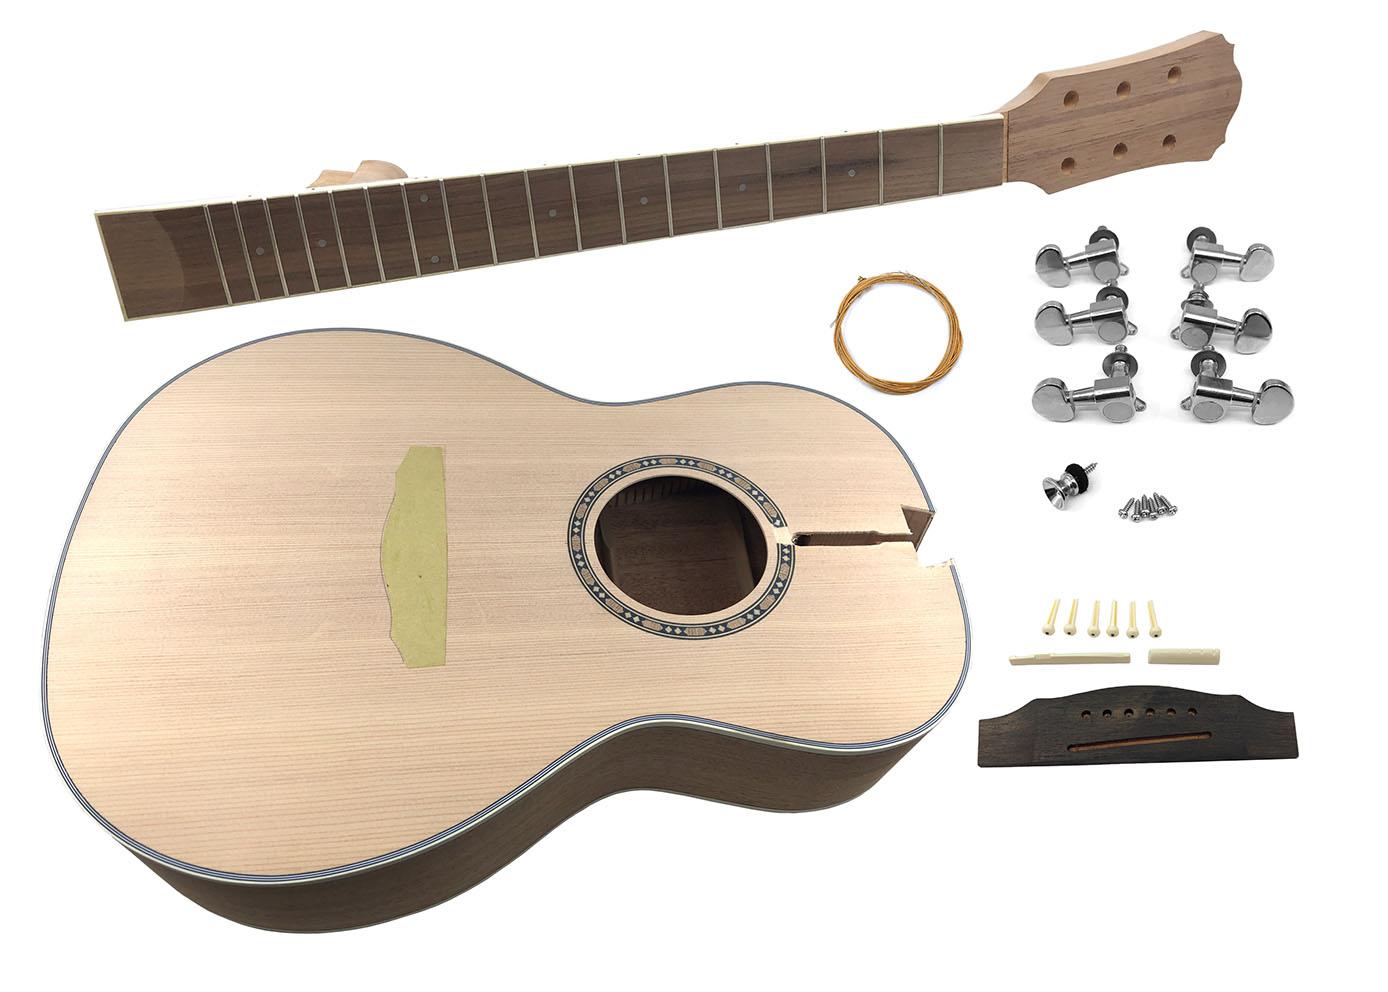 Solo Apk 10 Diy Parlour Acoustic Guitar Kit Ebay